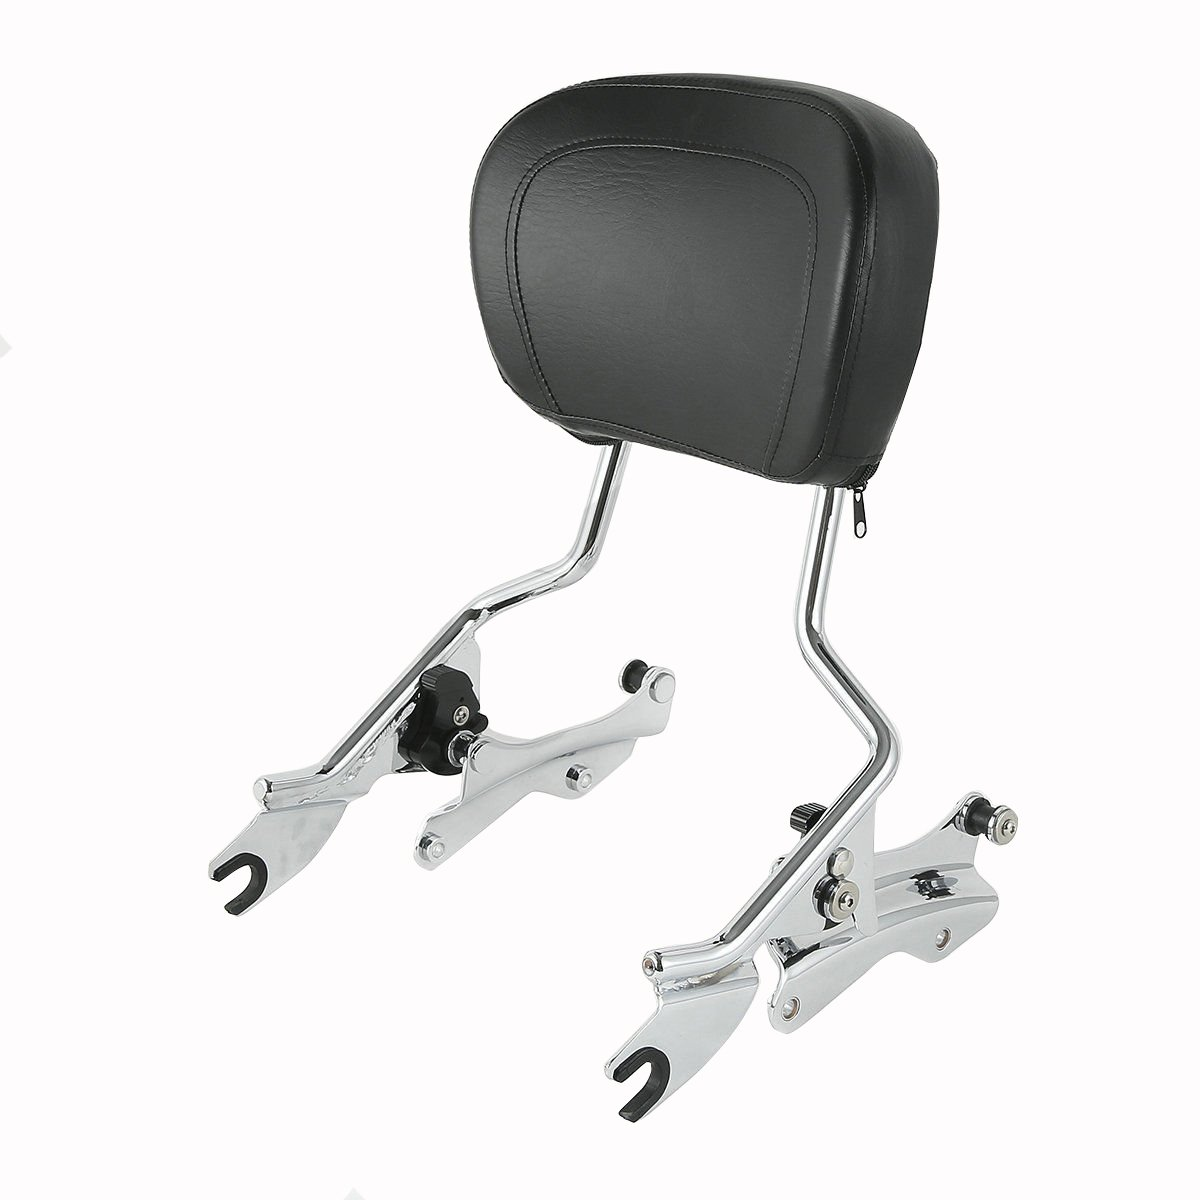 XFMT Chrome 4 Point Docking Kit Backrest Sissy Bar + Pad For Harley Touring 2014-2018